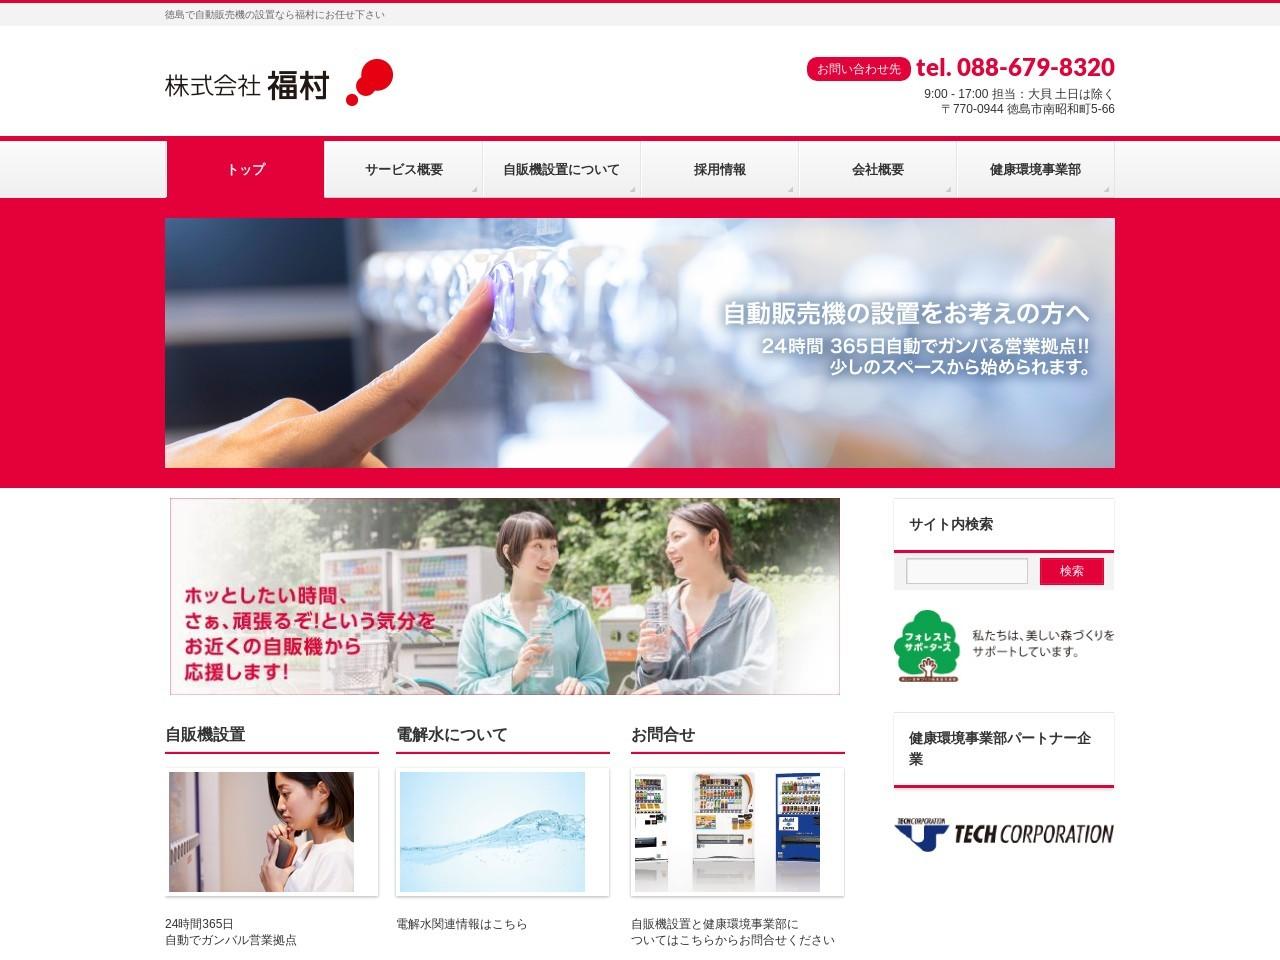 徳島で自動販売機の設置なら株式会社 福村